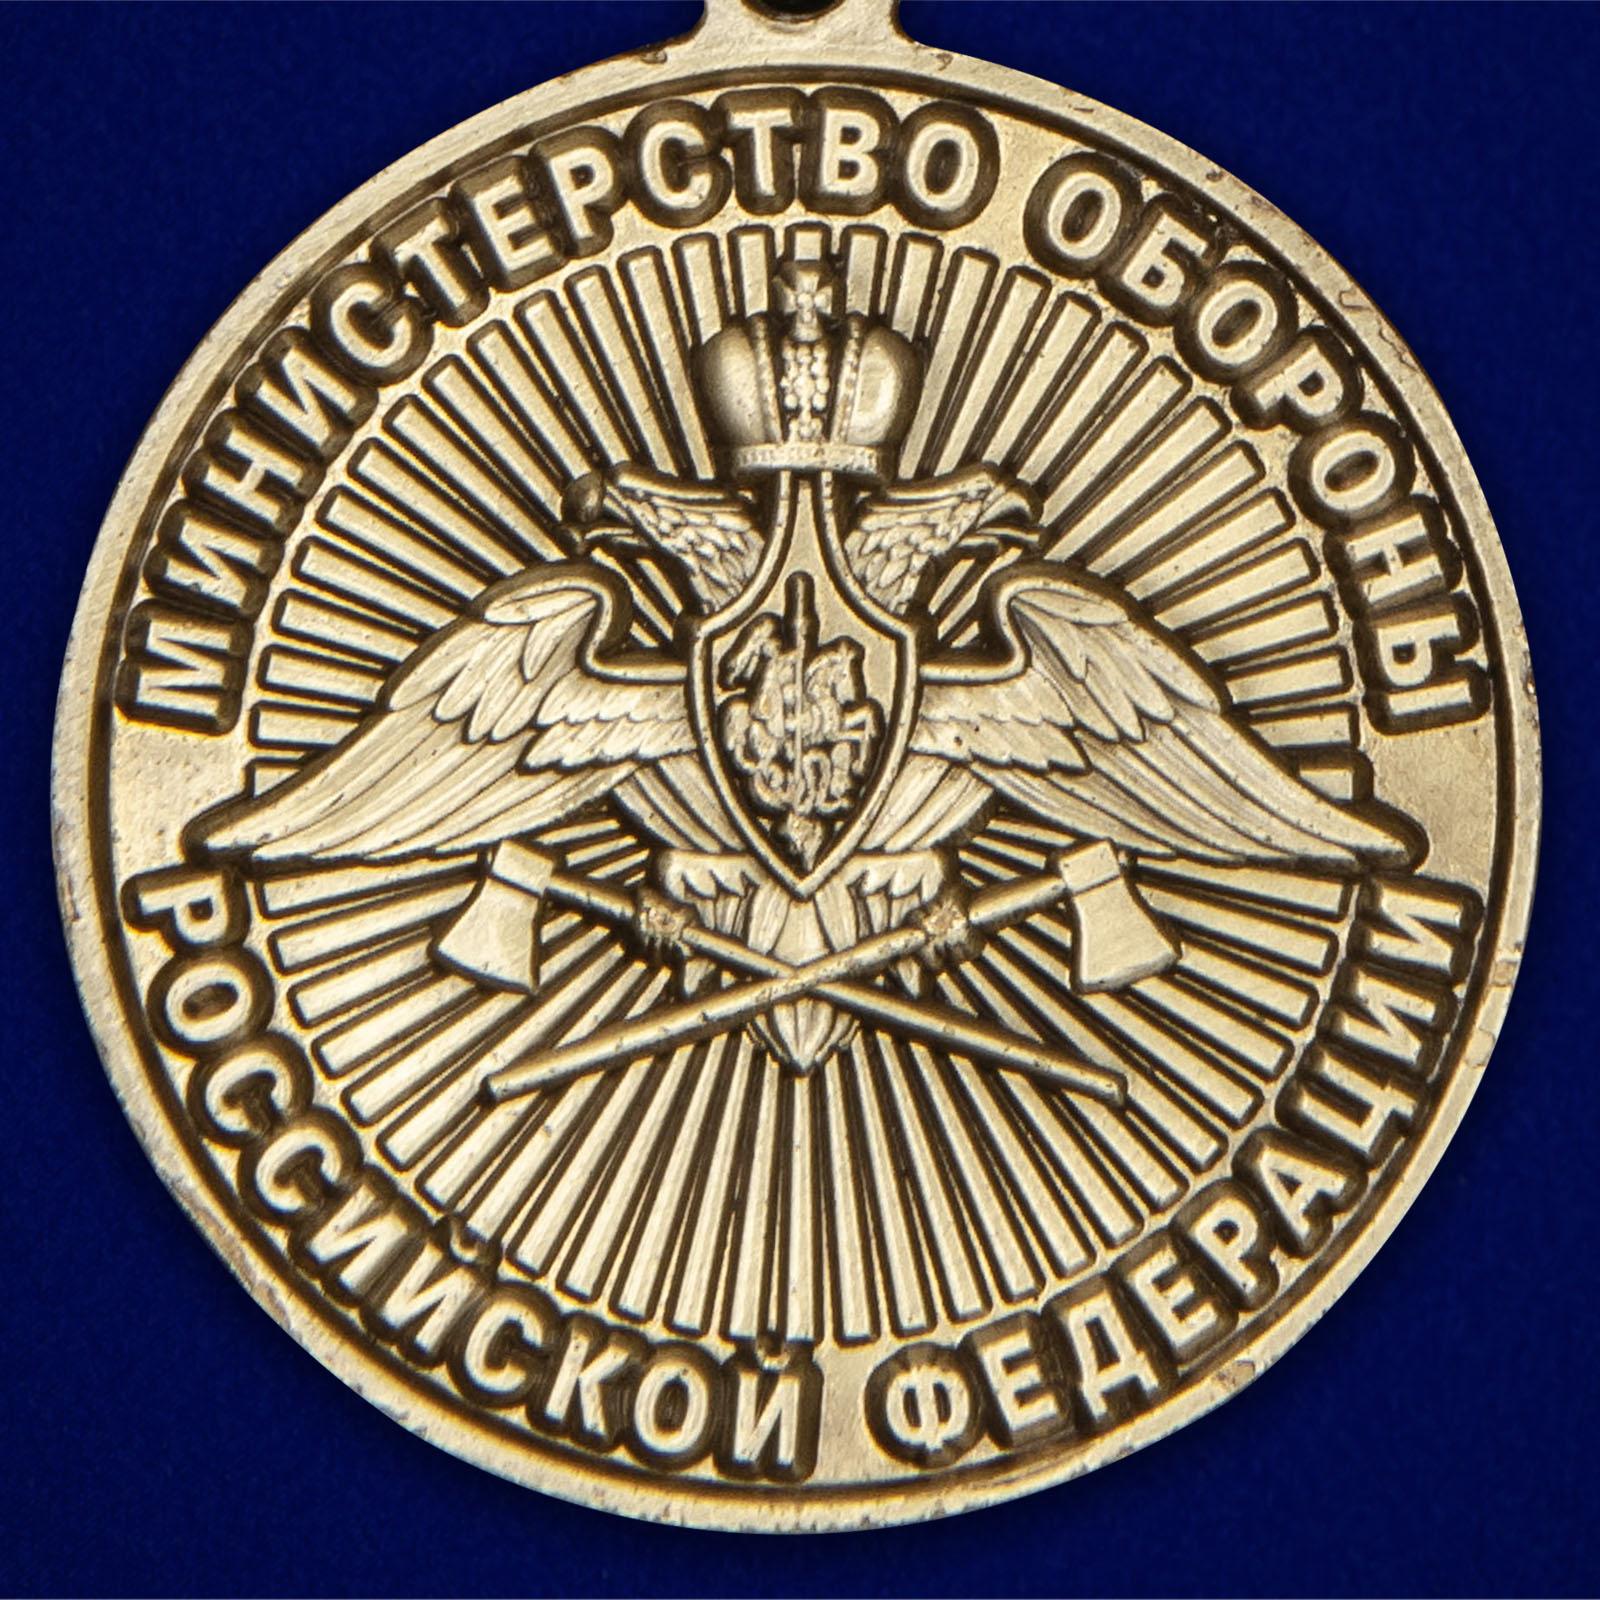 Медаль За службу в Инженерных войсках - в розницу и оптом